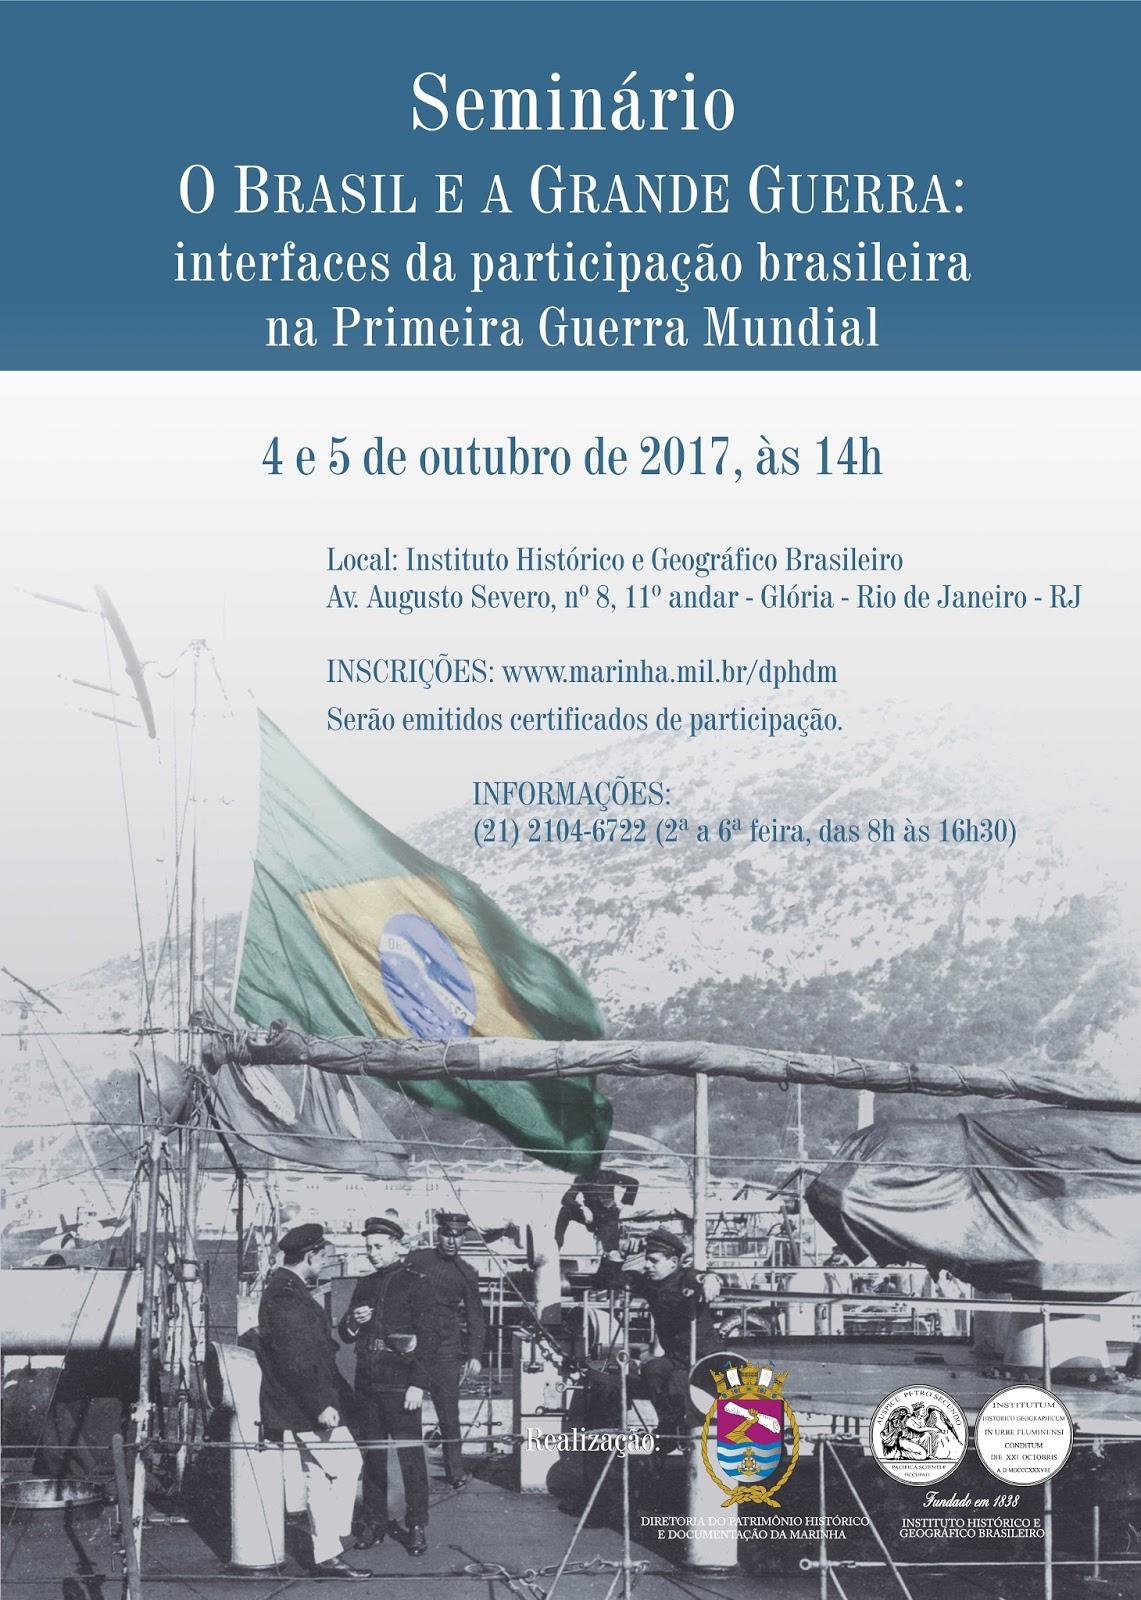 Seminário - O Brasil e a Grande Guerra - 04 e 05 de Outubro - IHGB.